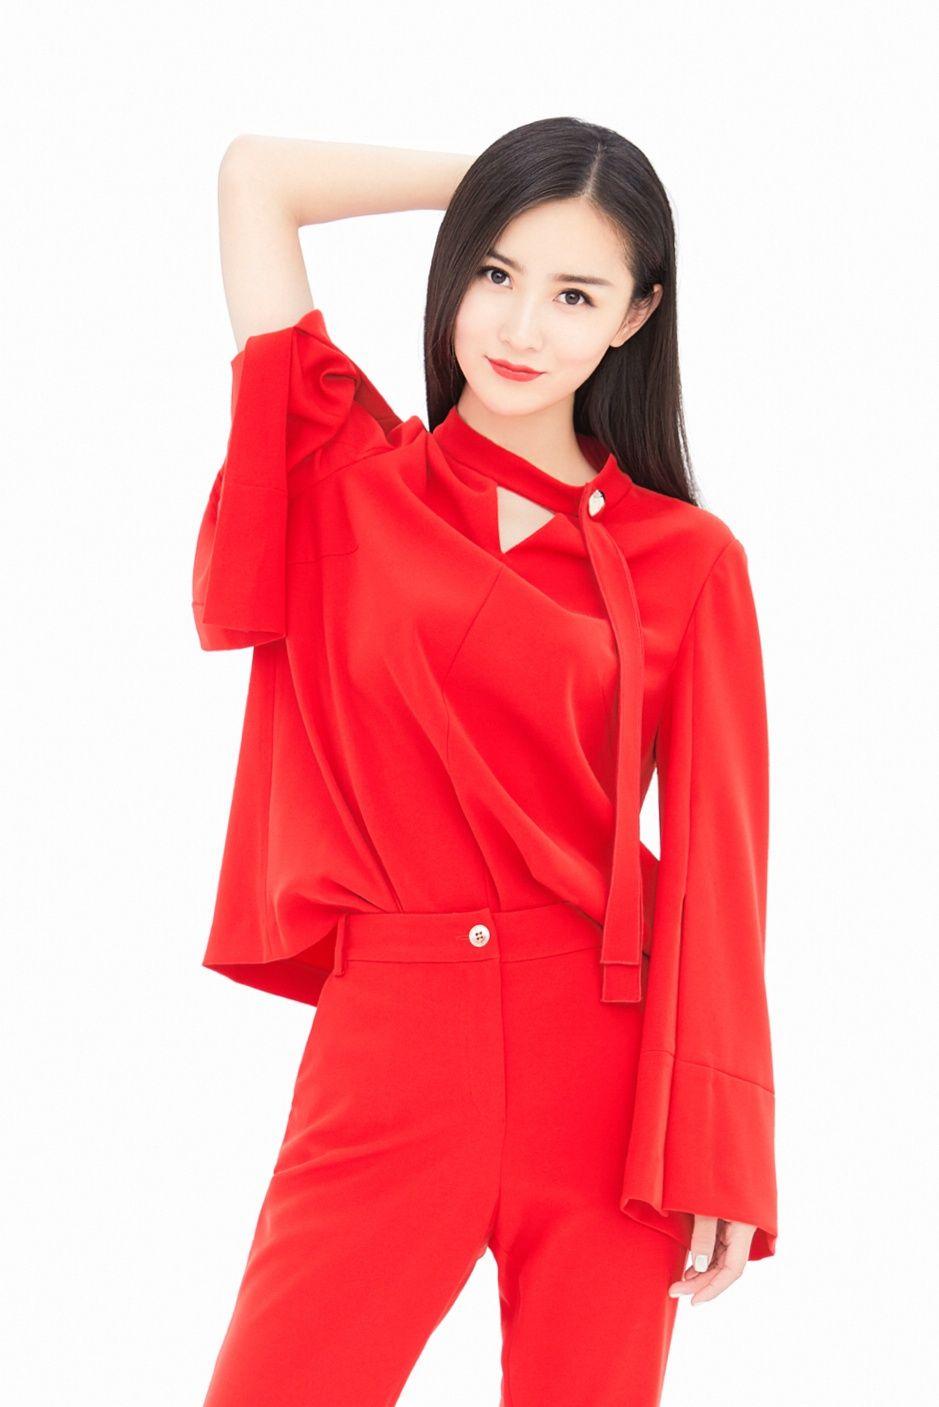 气质高贵 长相靓丽的女明星——张维娜